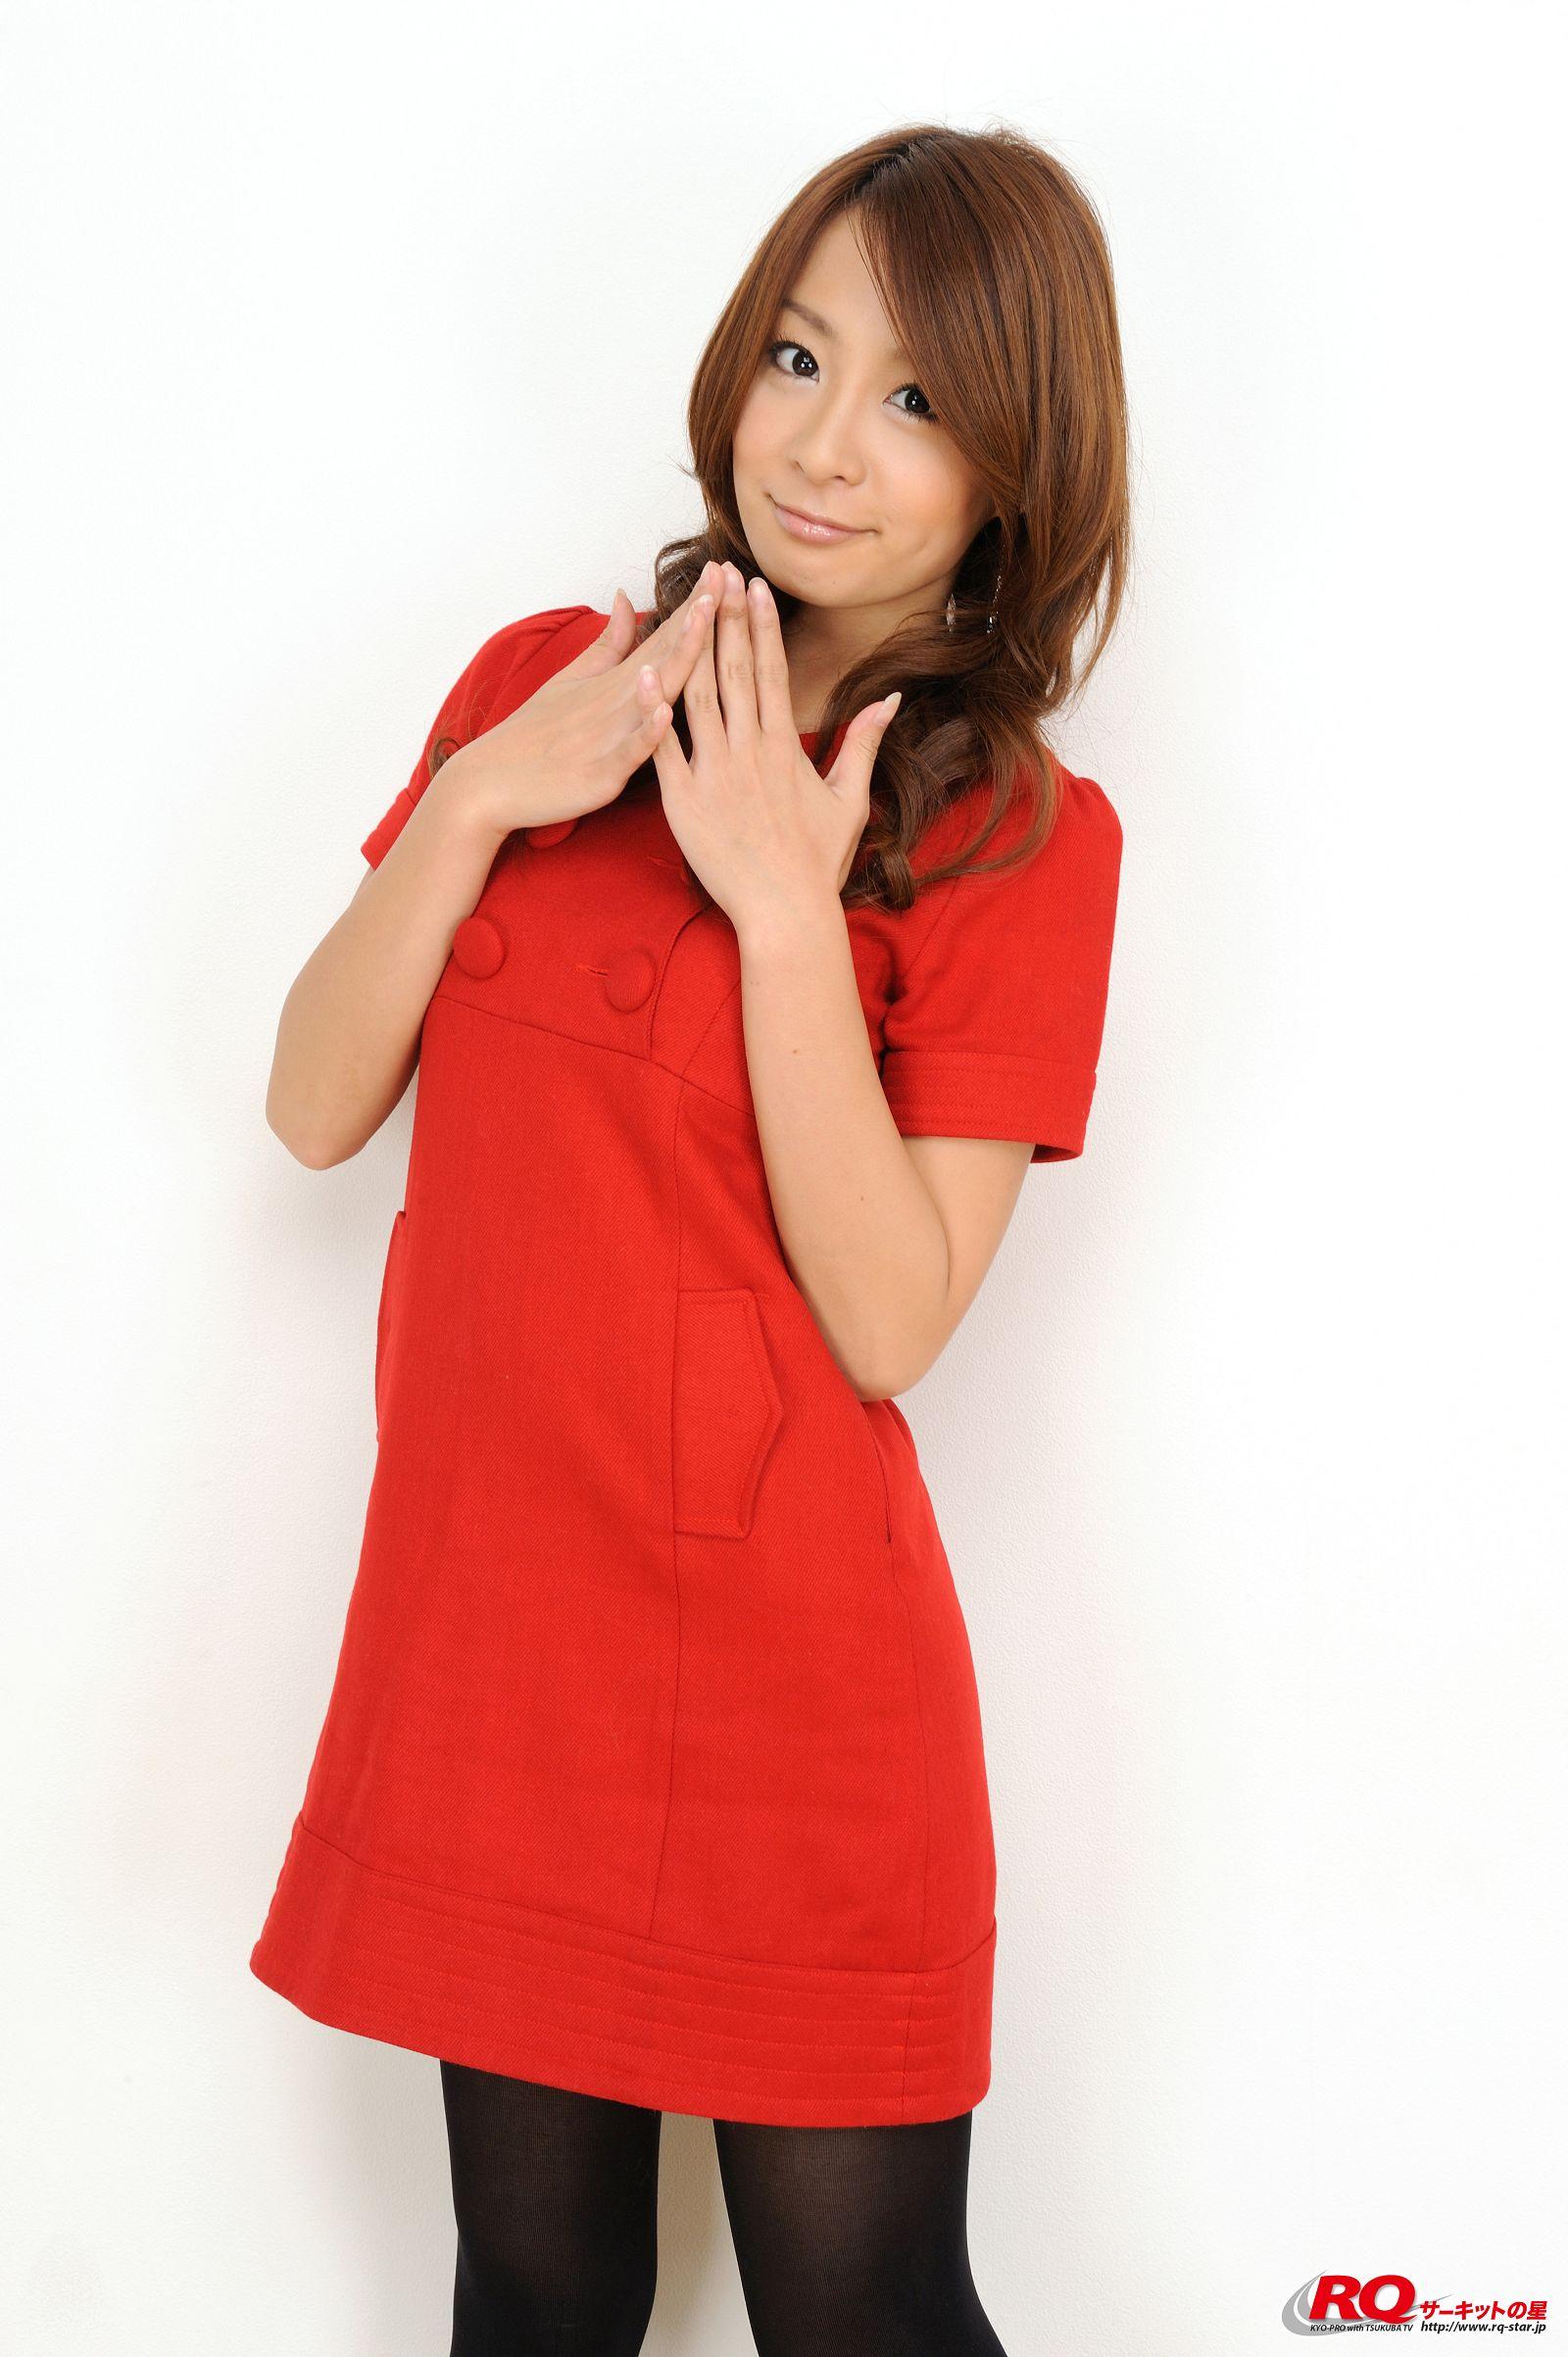 [RQ STAR美女] NO.00102 Yuuki Aikawa 相川友希 Private Dress[90P] RQ STAR 第3张